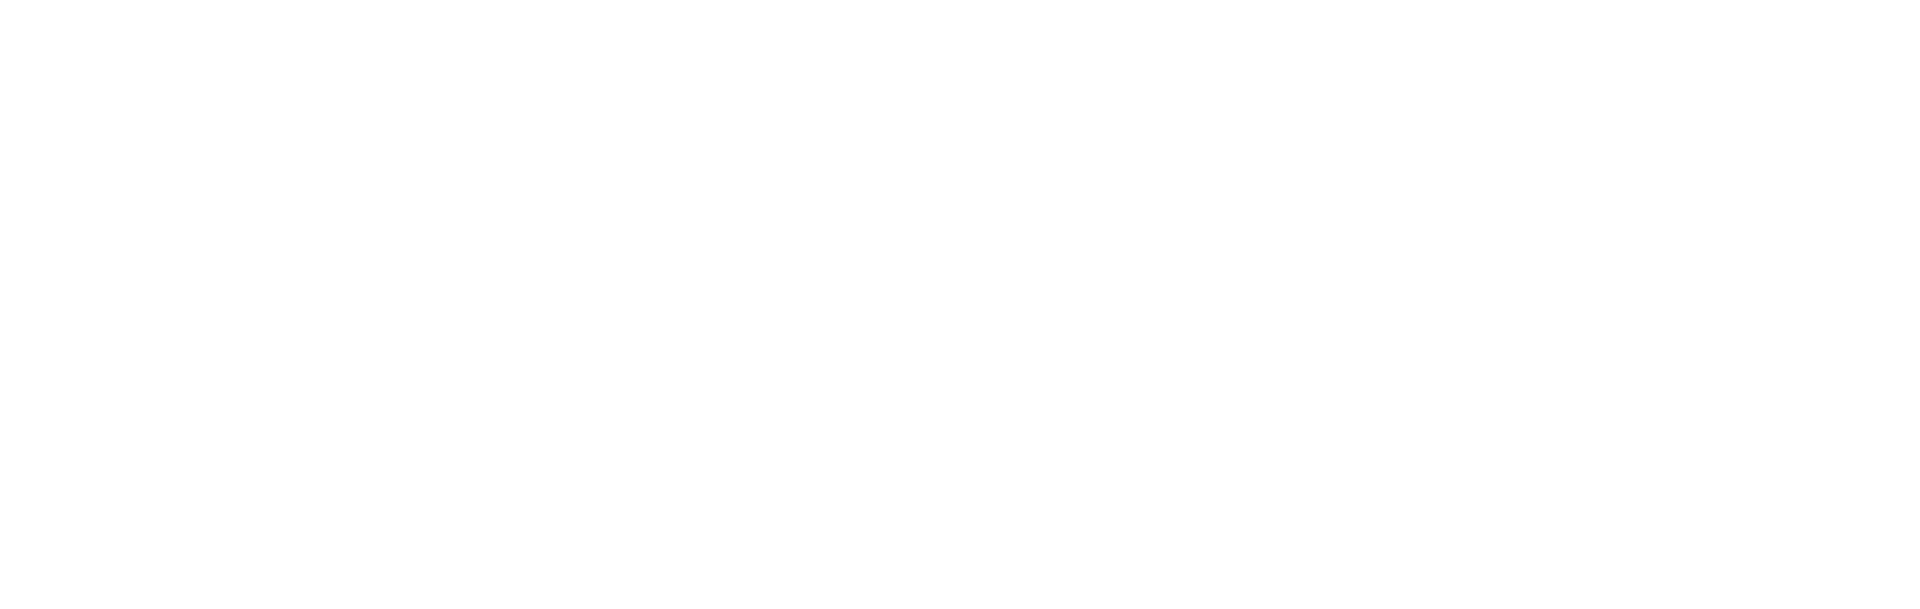 FFWD Rail